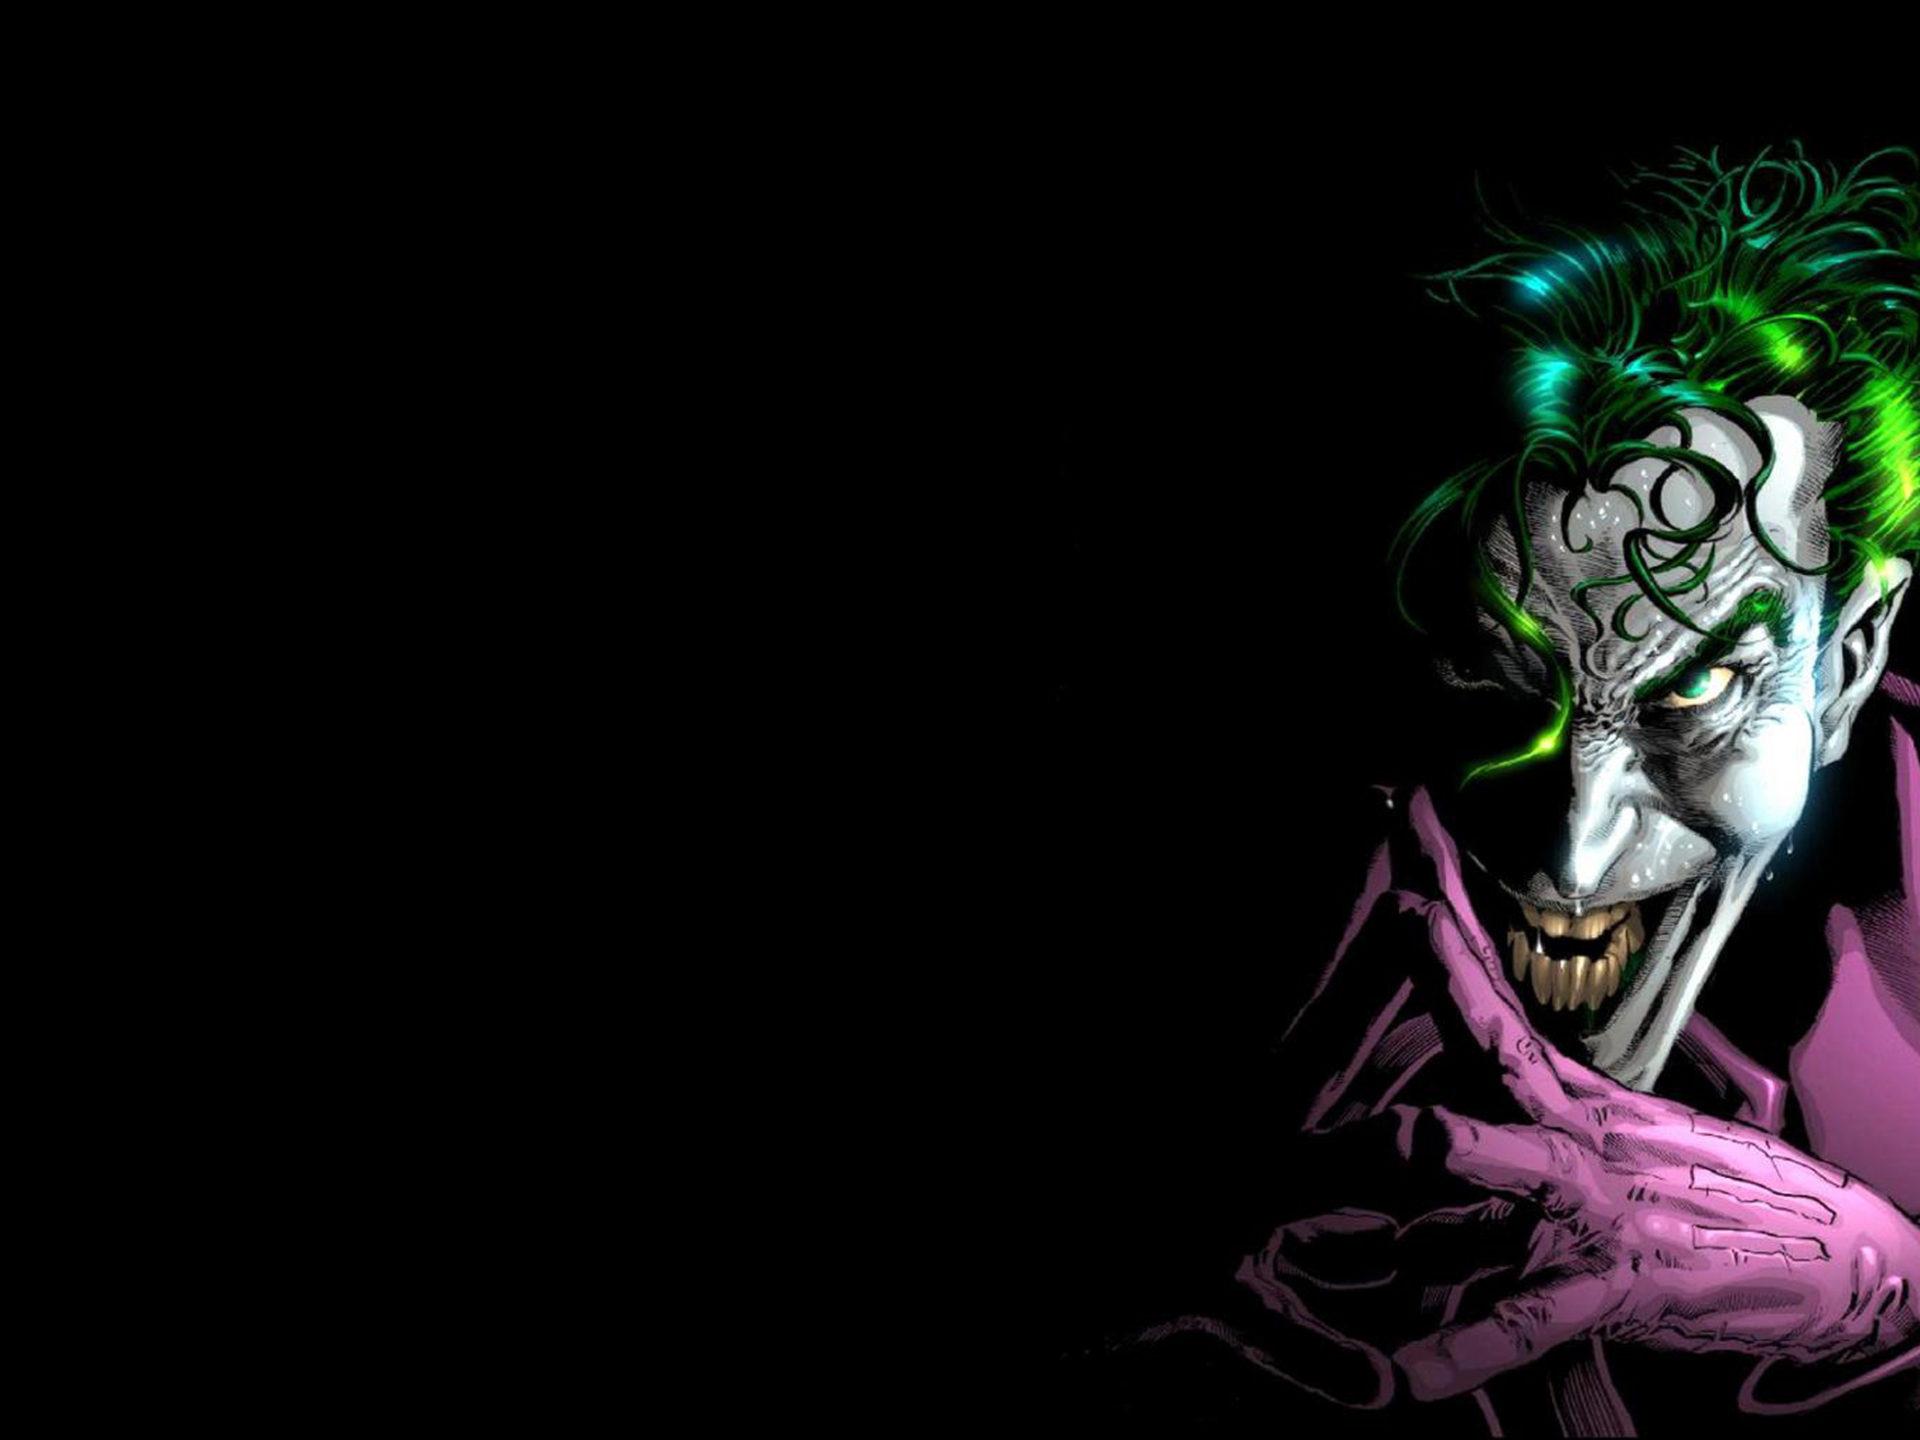 Joker Wallpaper For Pc 2560x1600